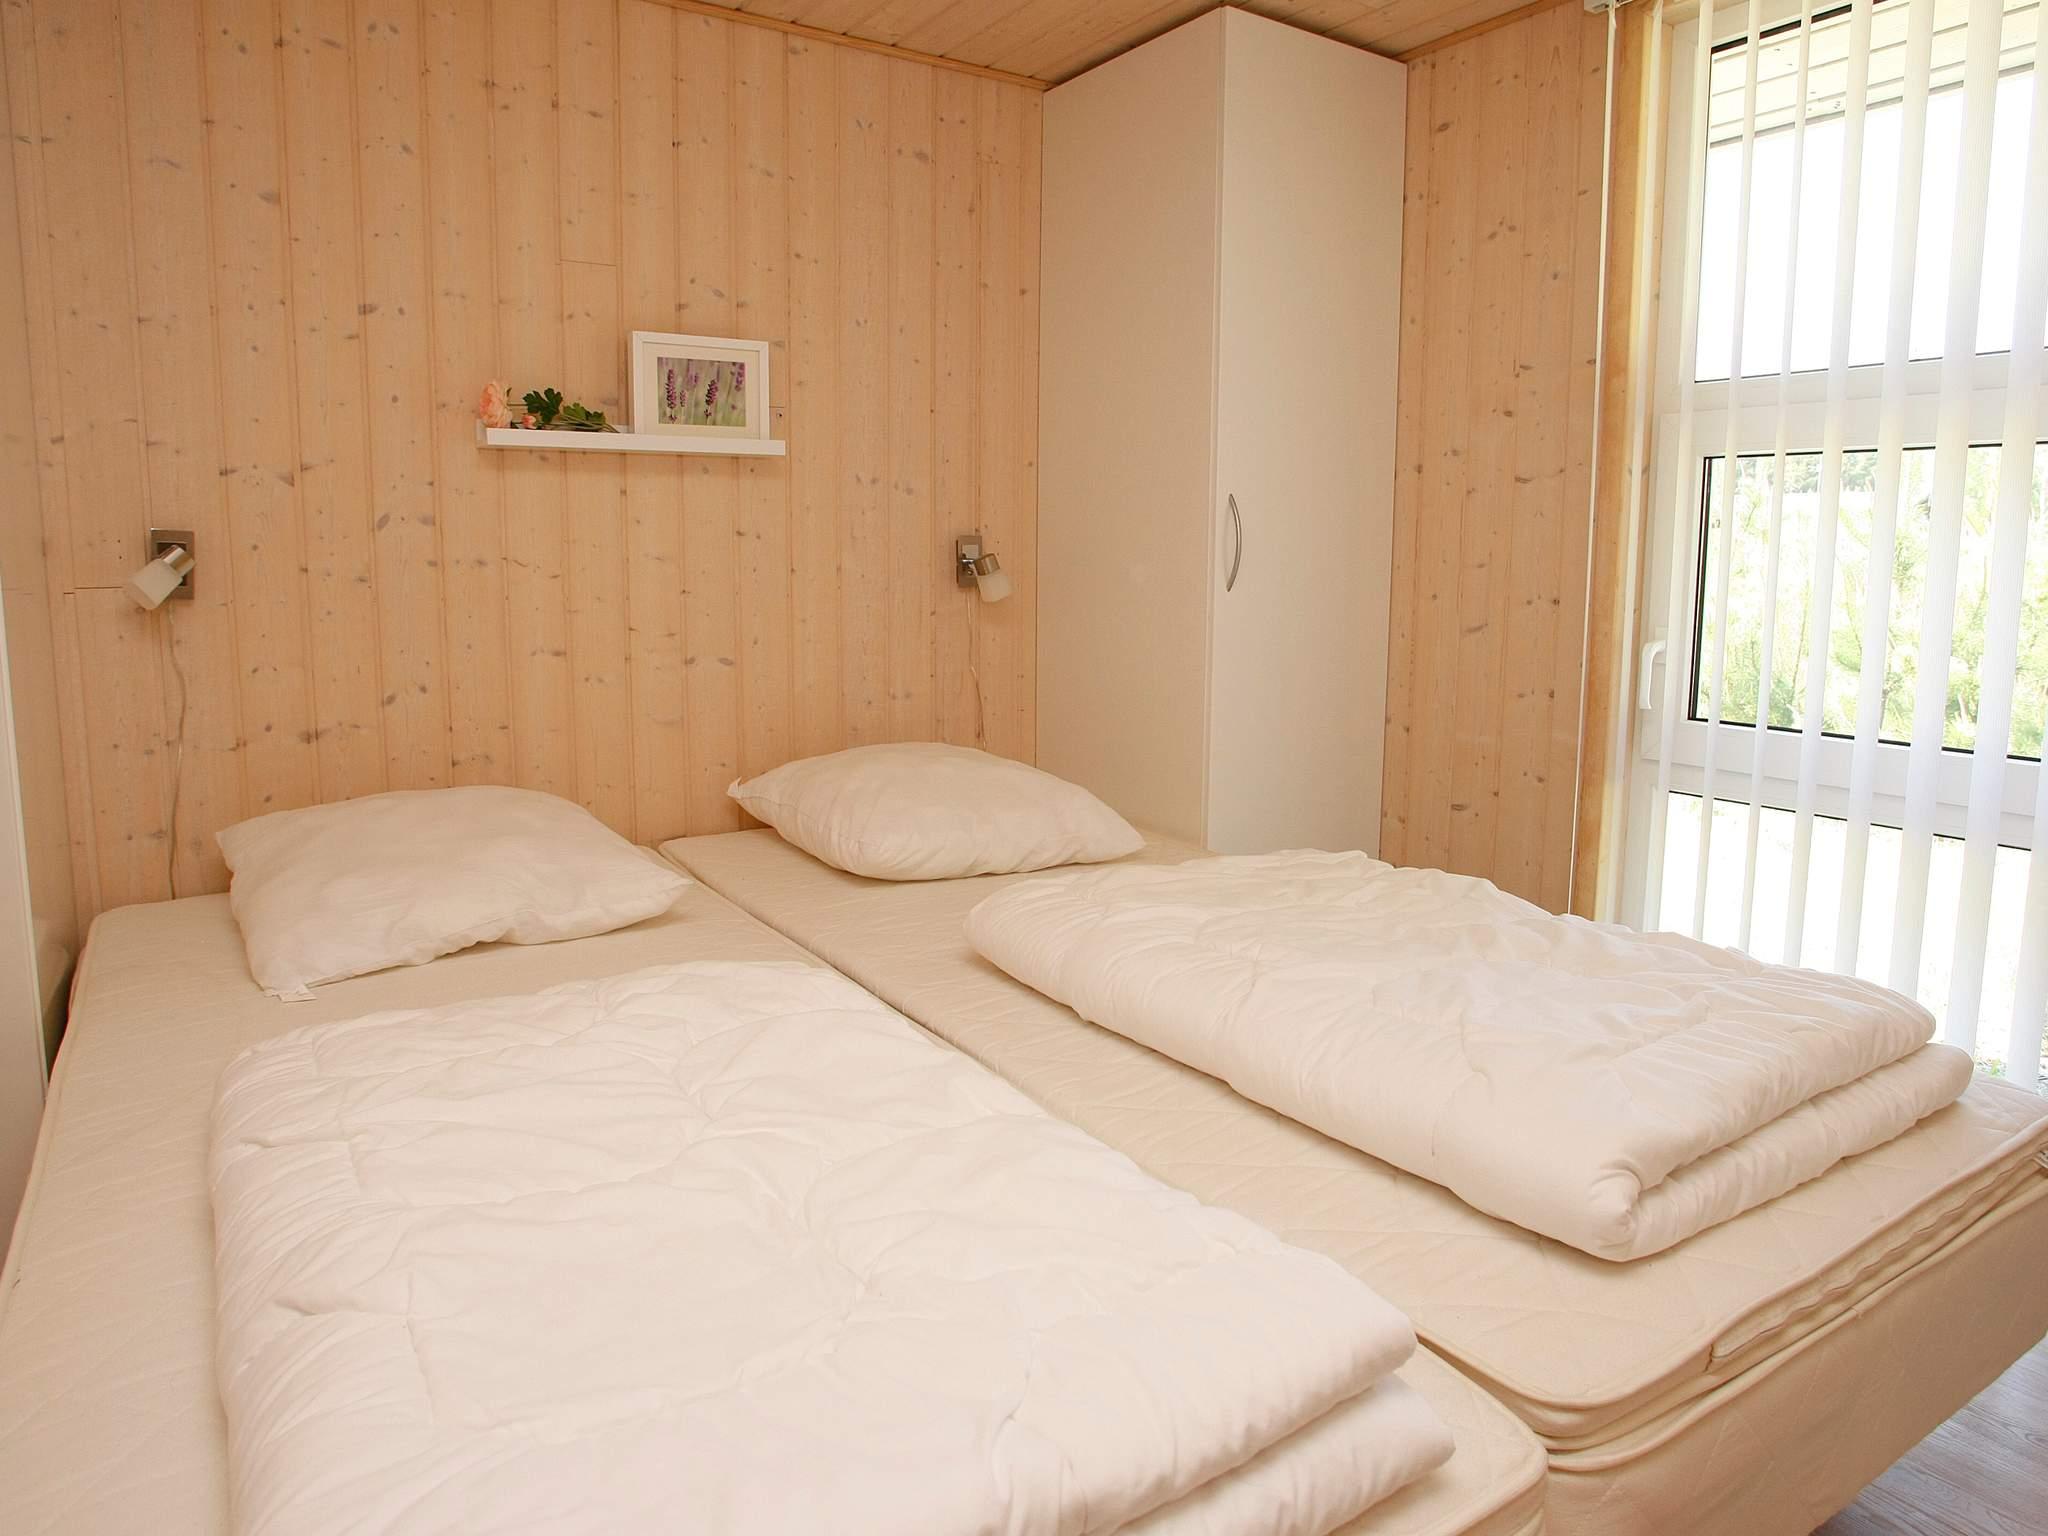 Ferienhaus Lodskovvad (359066), Lodskovvad, , Nordostjütland, Dänemark, Bild 6